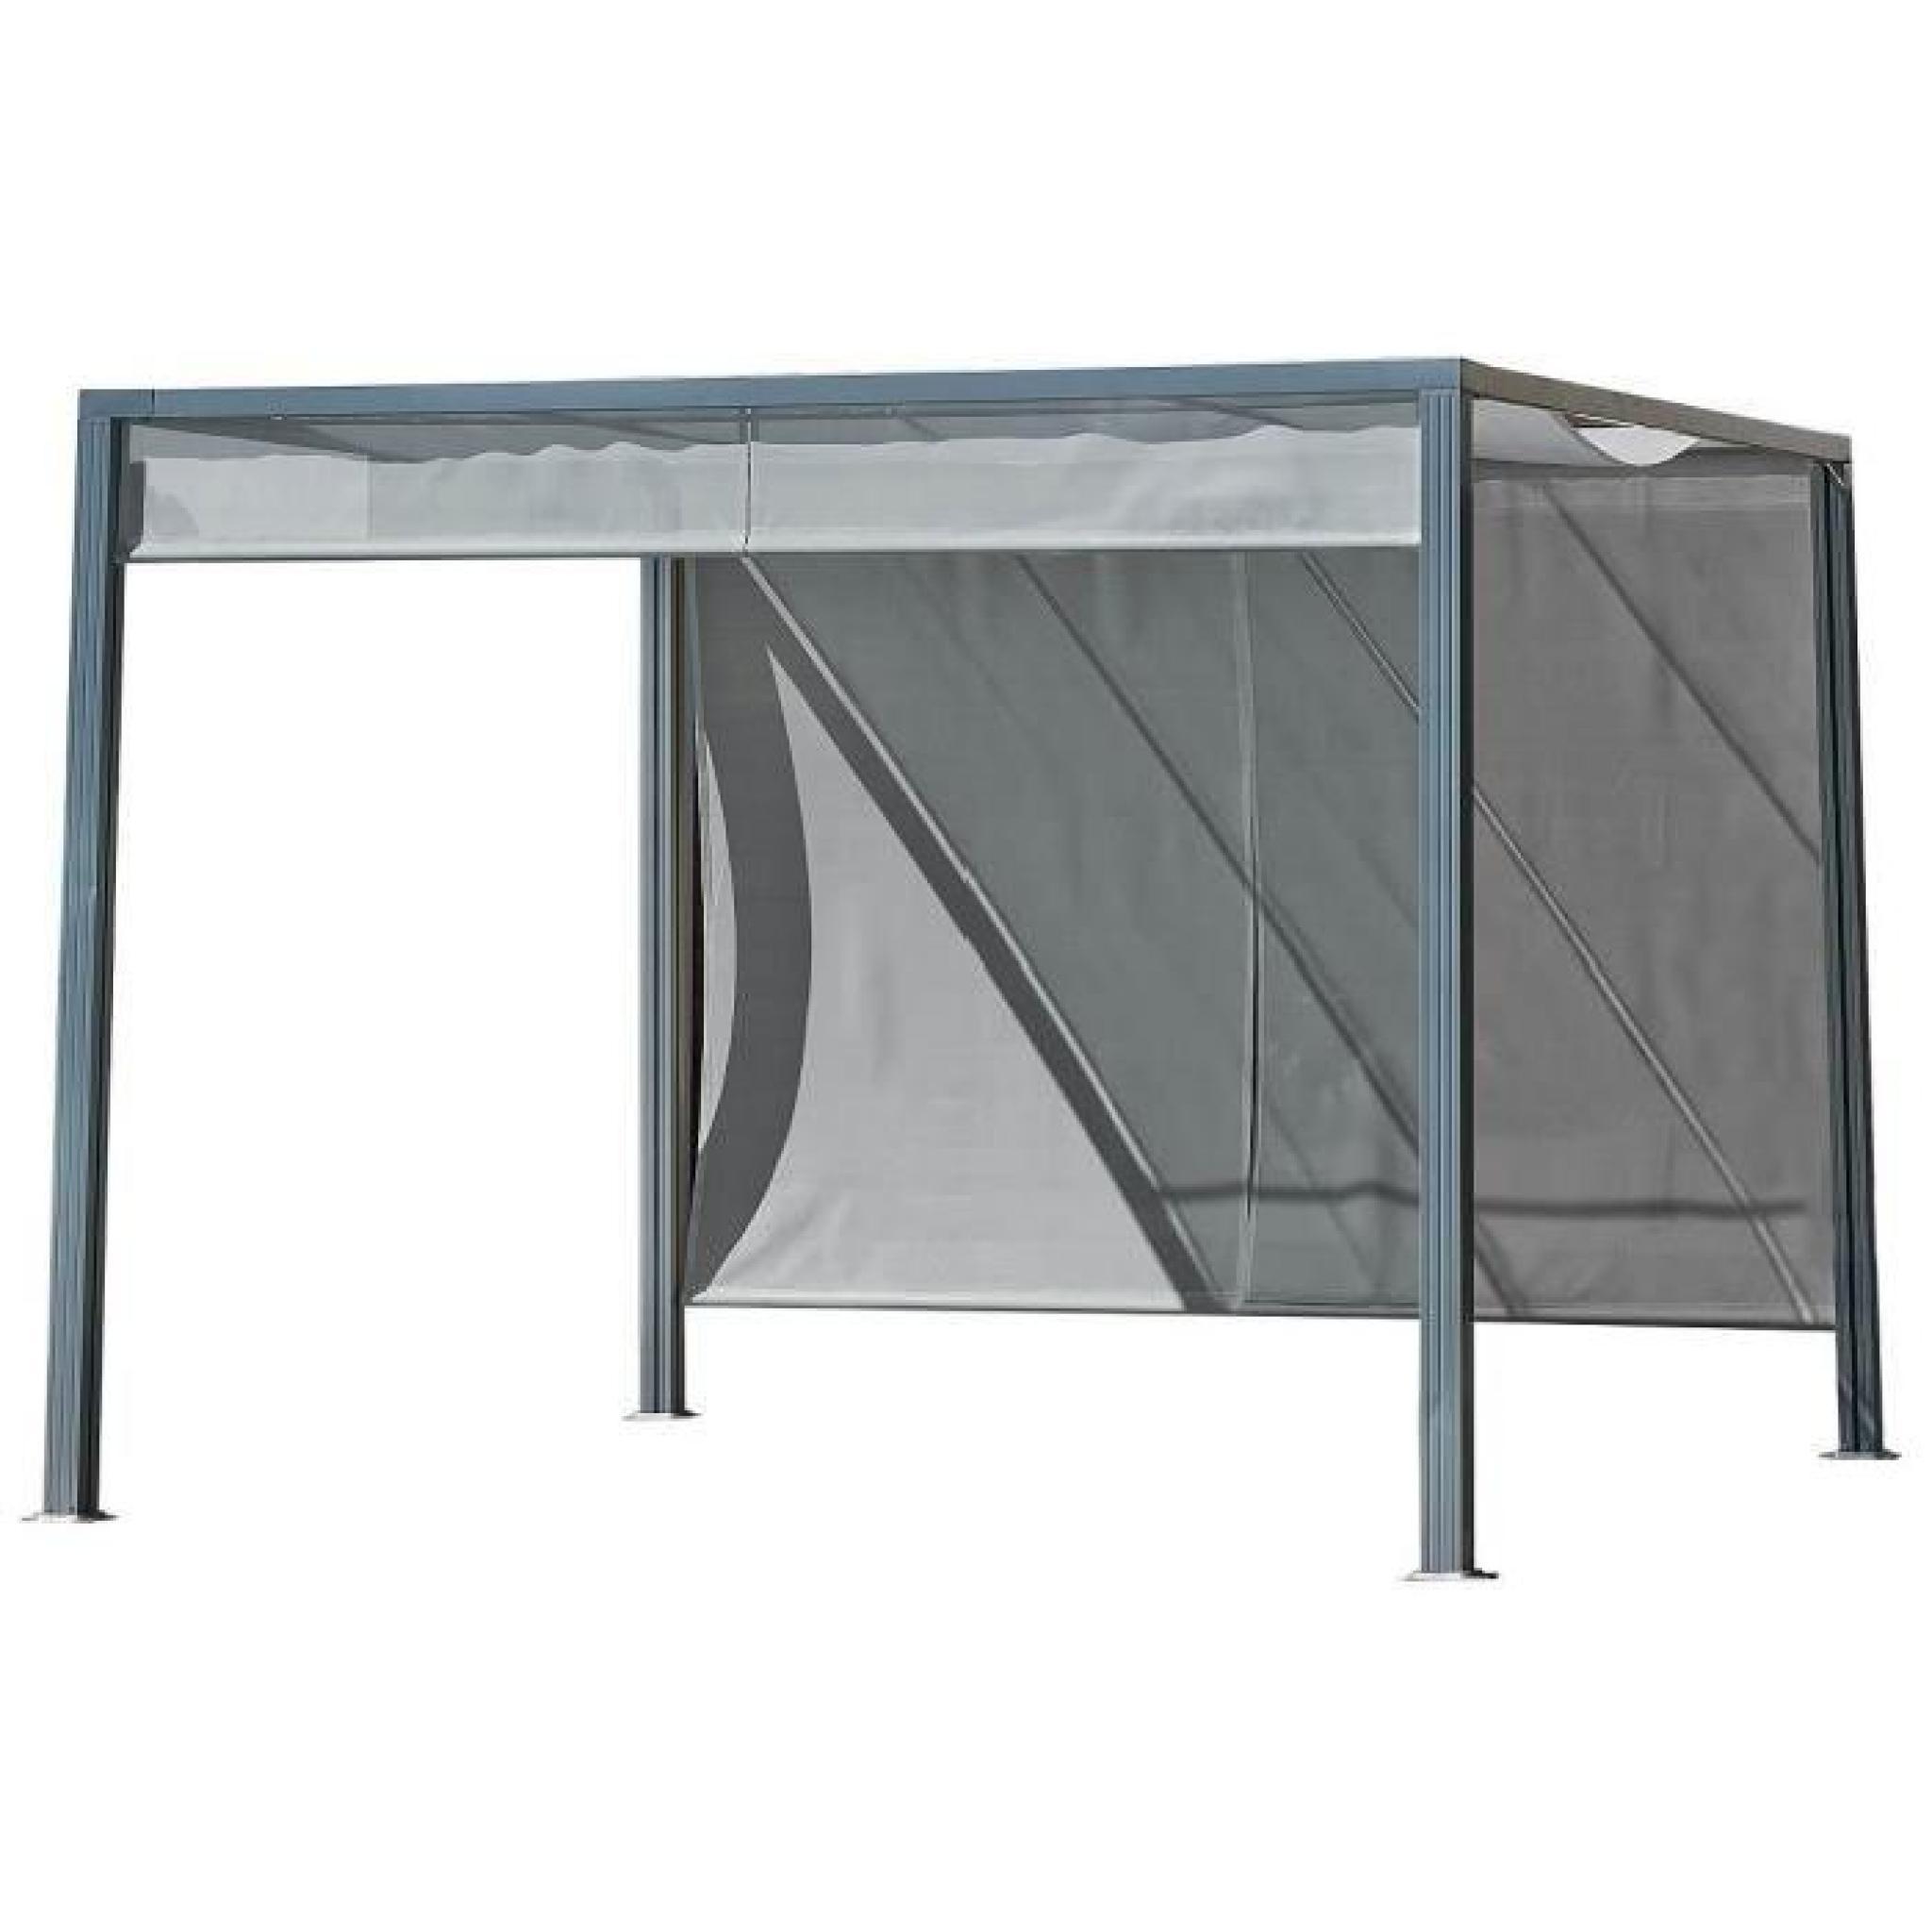 pergola brise soleil en alu 3x3m avec rideaux gris. Black Bedroom Furniture Sets. Home Design Ideas